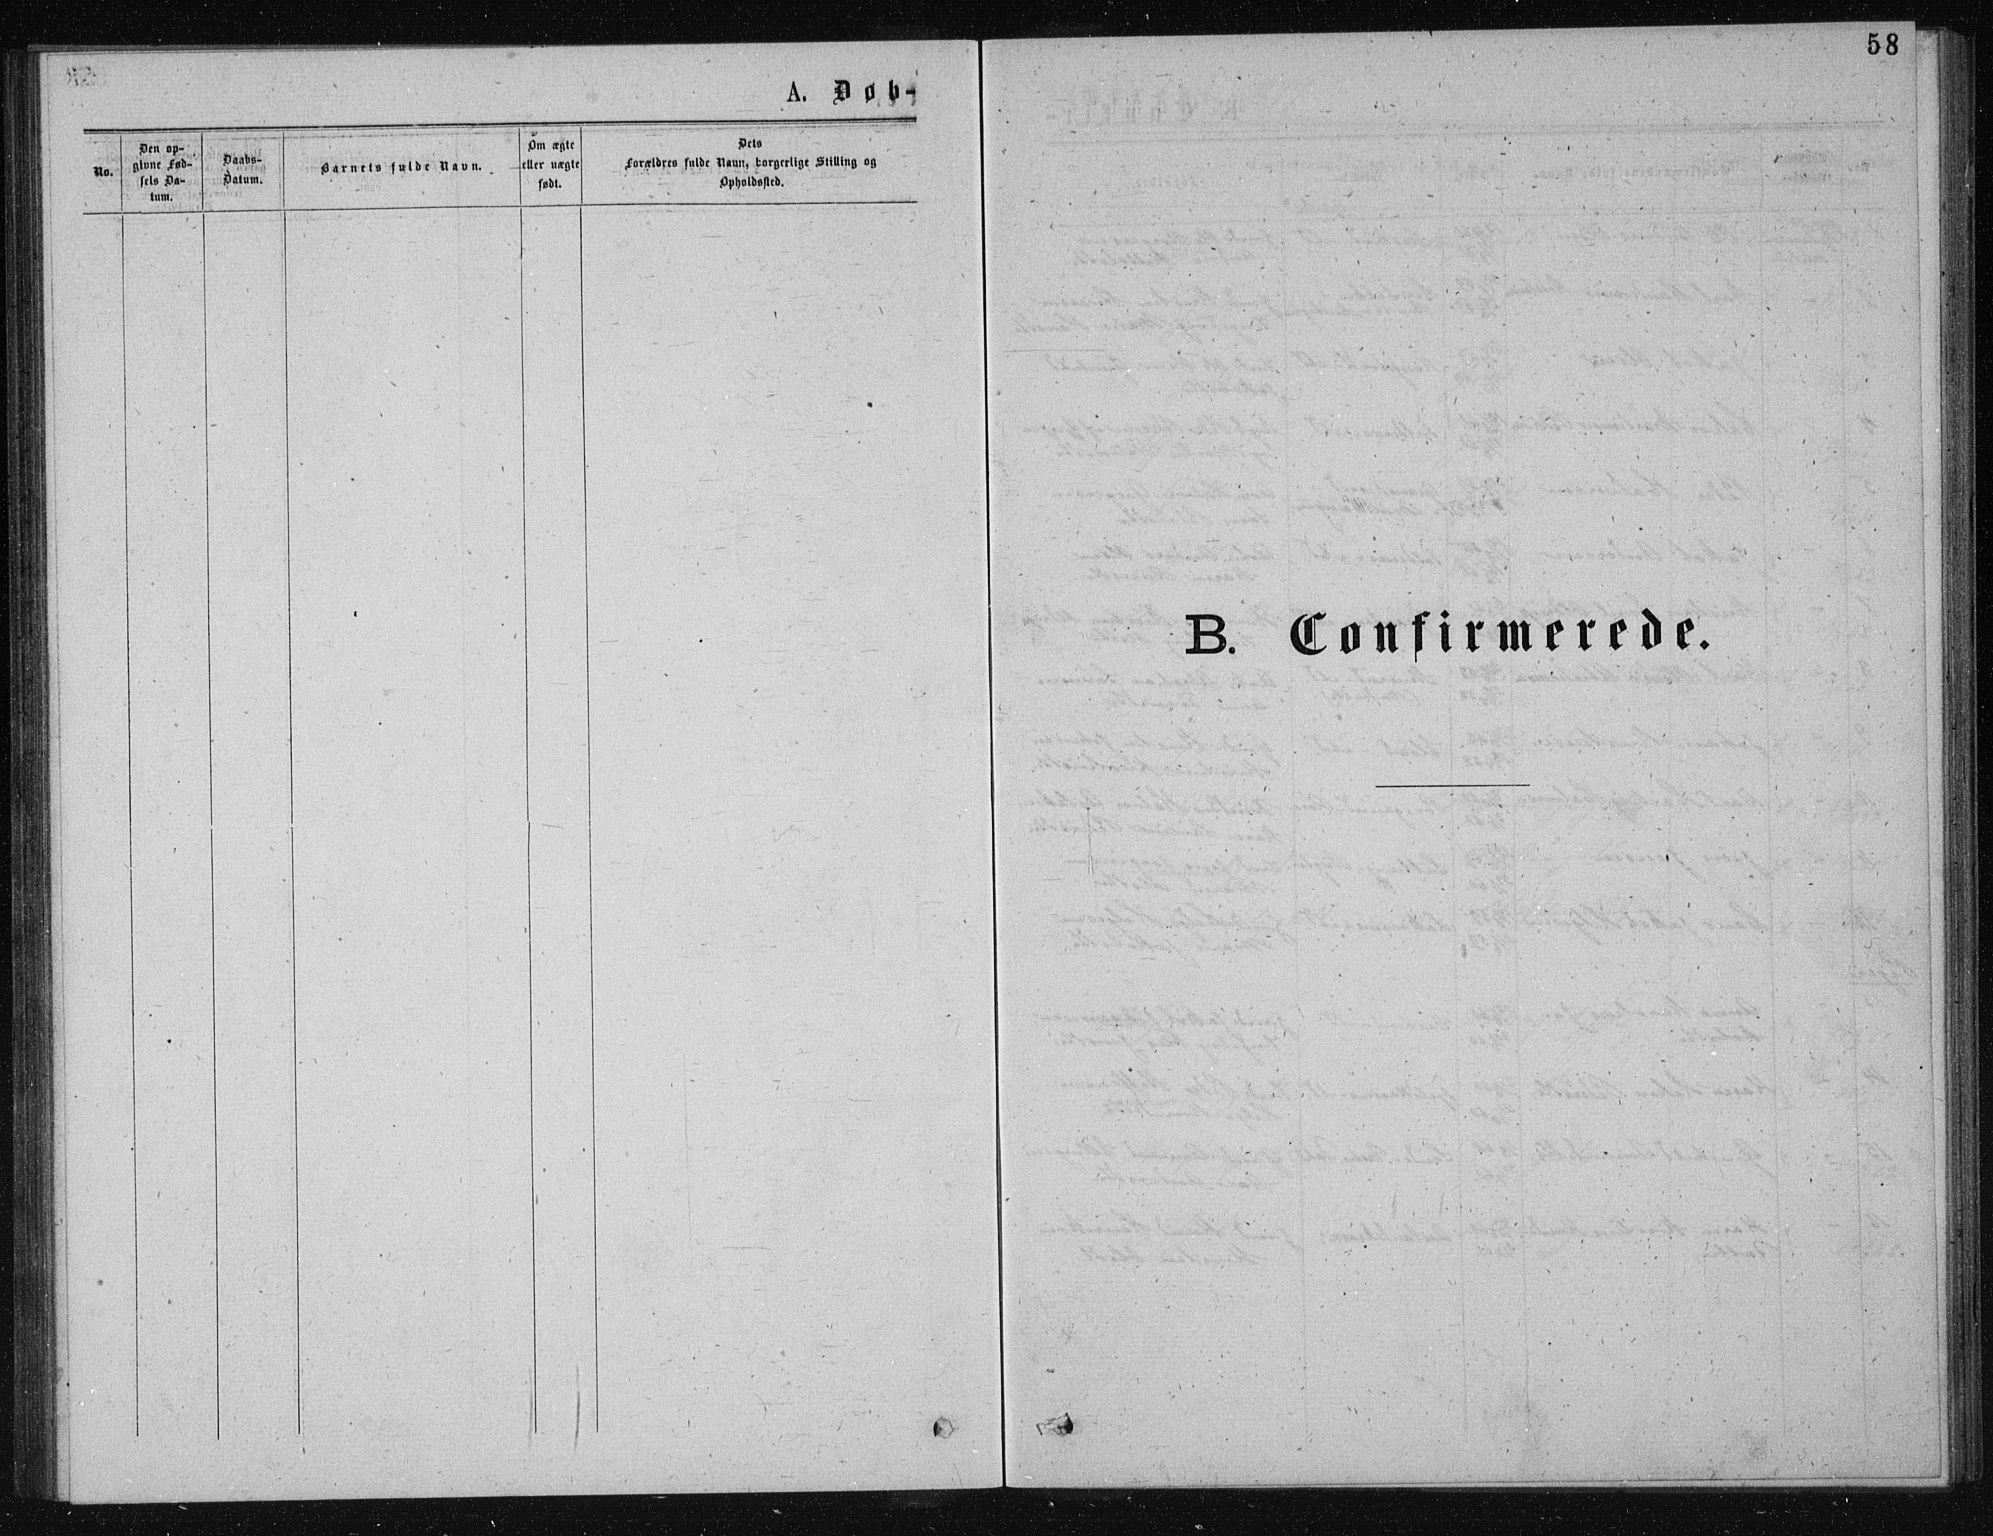 SAKO, Solum kirkebøker, G/Ga/L0005: Klokkerbok nr. I 5, 1877-1881, s. 58